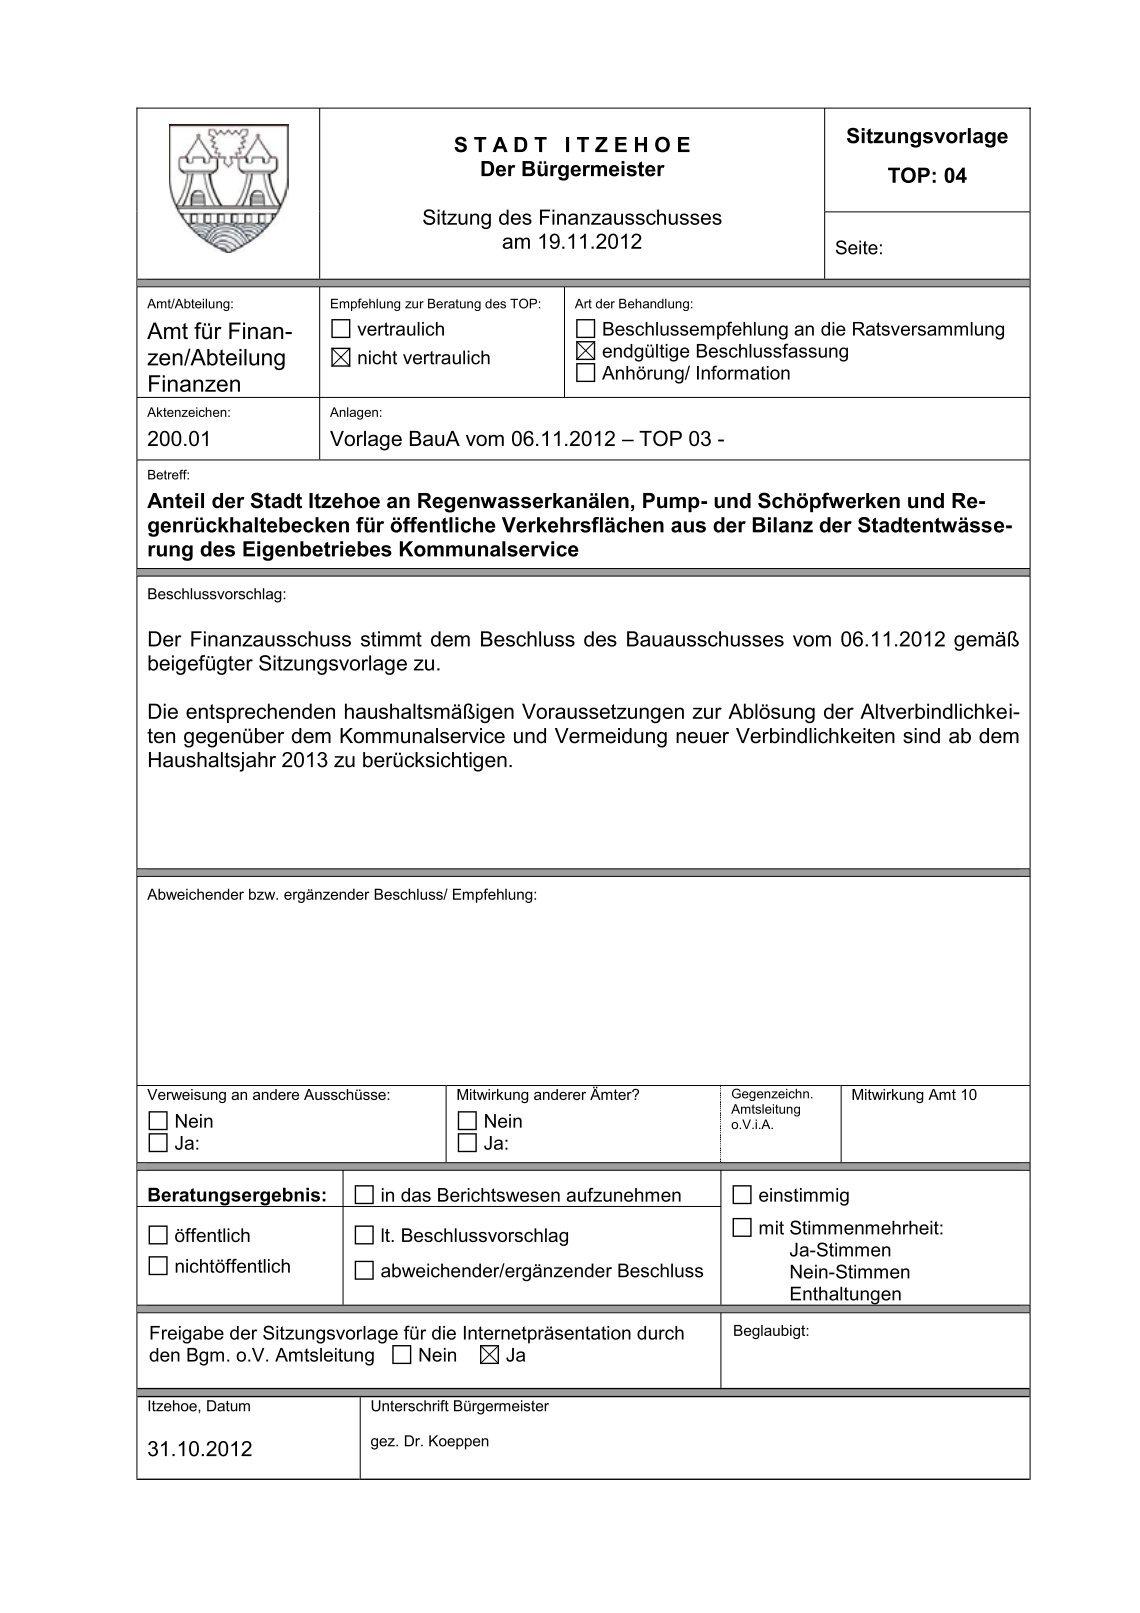 Großartig Vorschlagskarten Vorlagen Bilder - Entry Level Resume ...